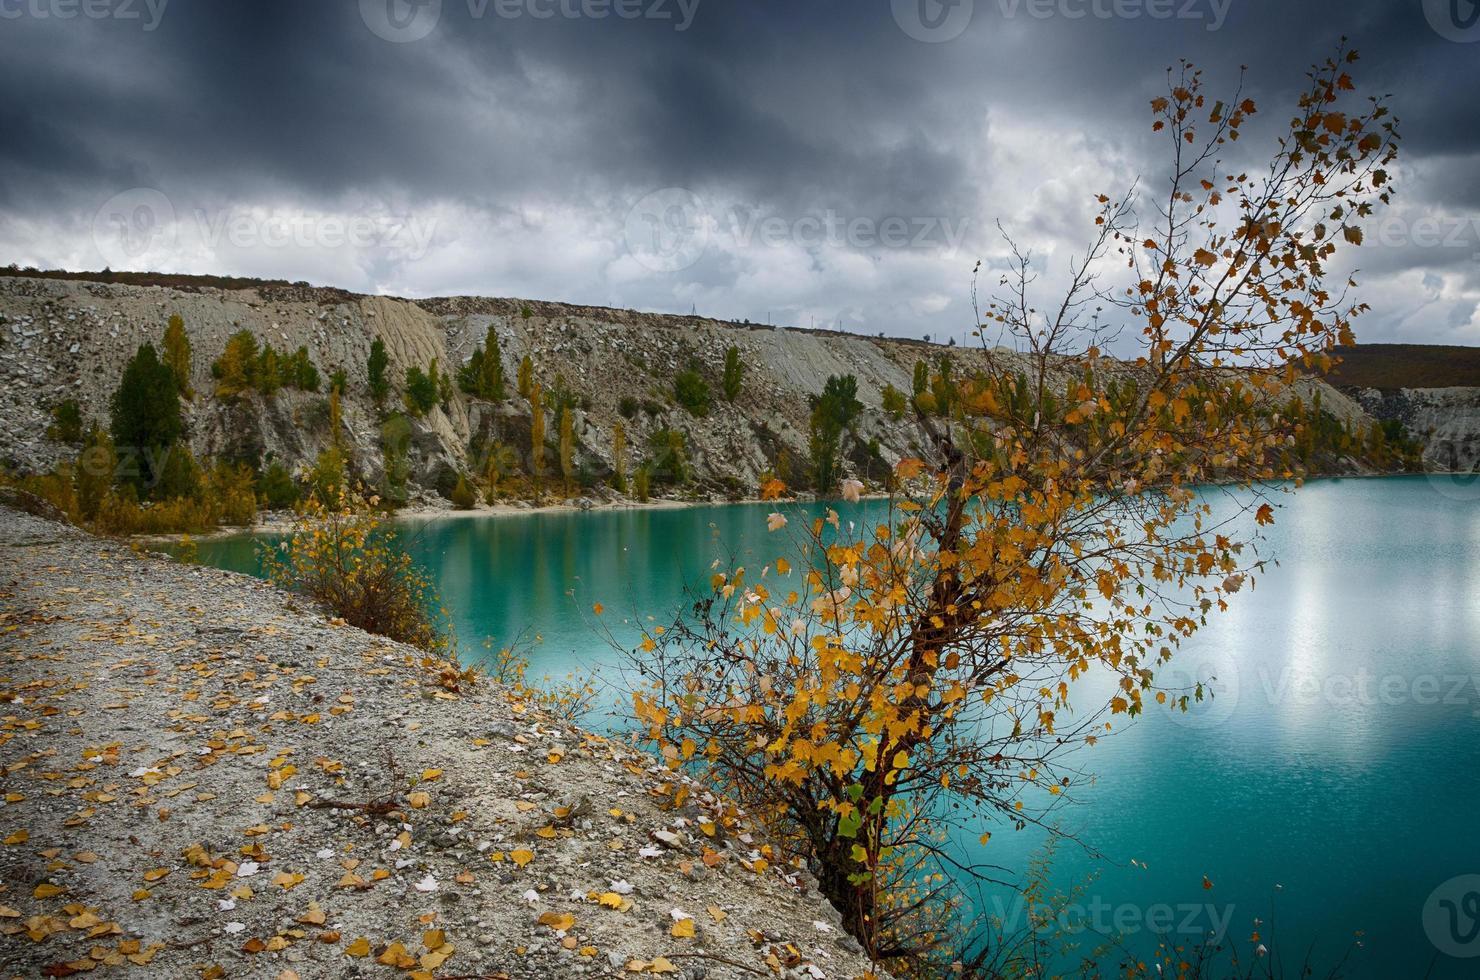 turkoois meer met bomen die op de hellingen groeien foto